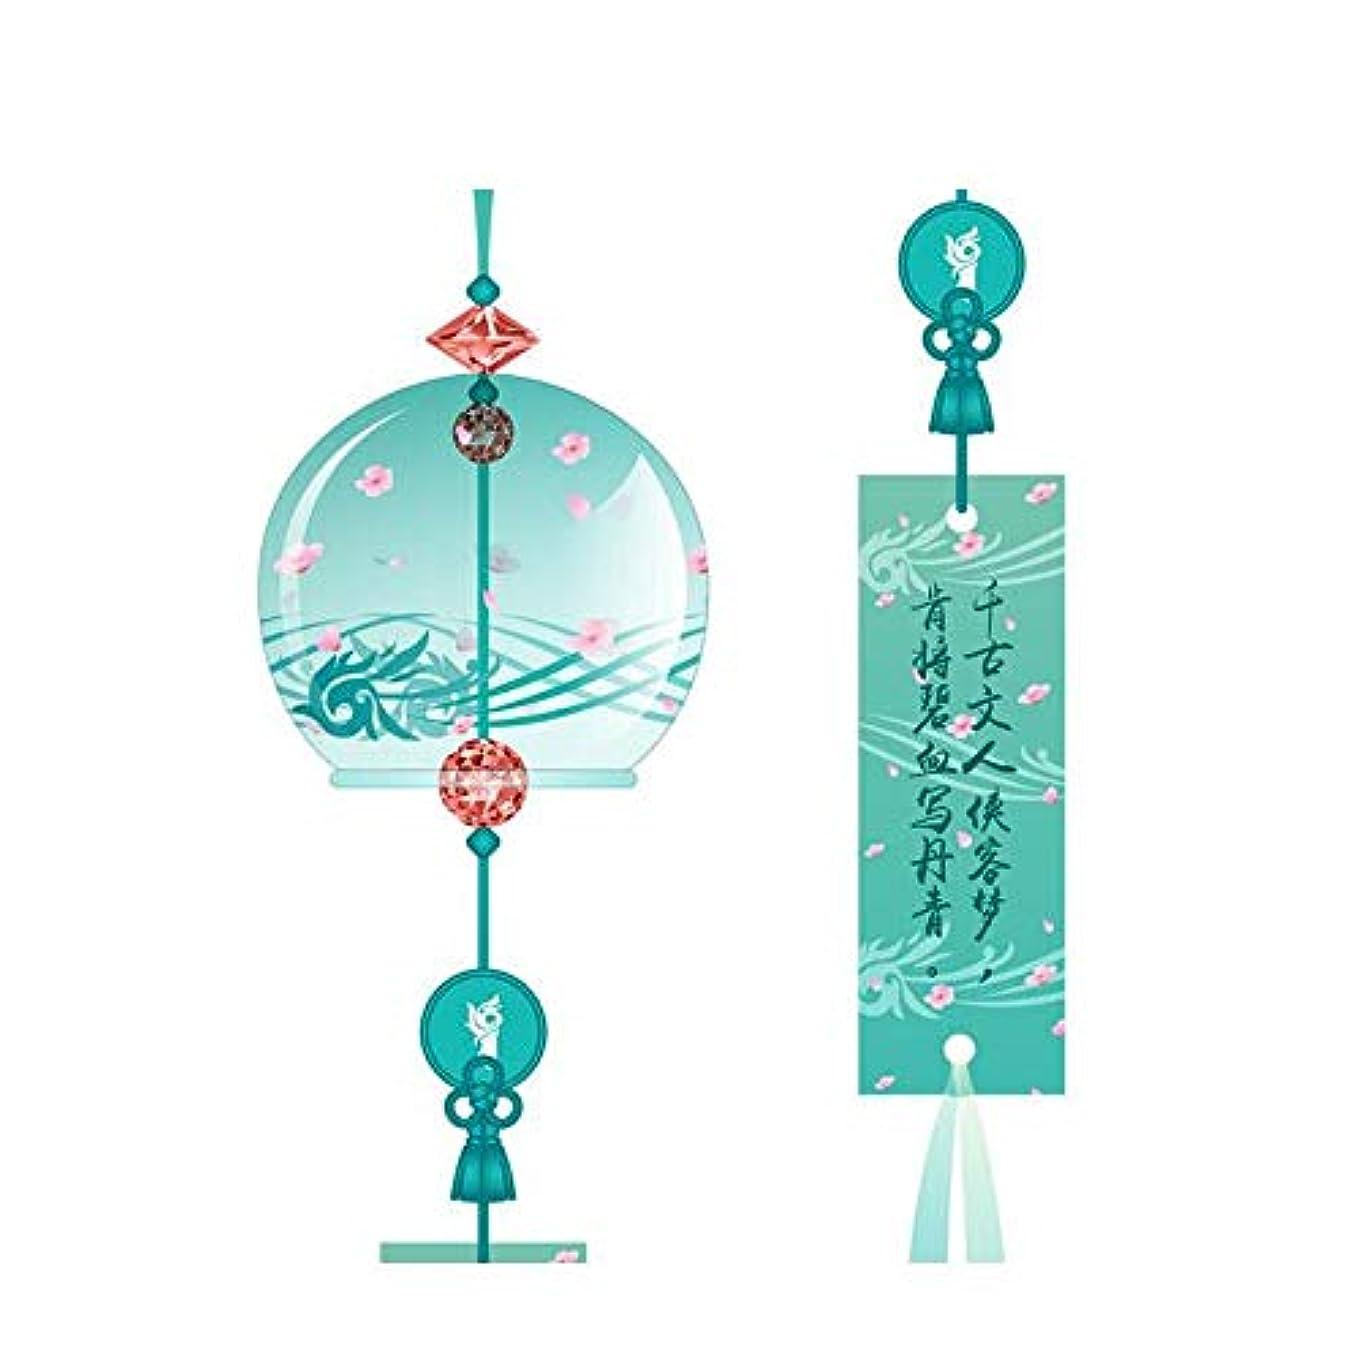 ビバアンカー聞くFengshangshanghang 風チャイム、クリスタルクリアガラスの風チャイム、グリーン、全身について31センチメートル,家の装飾 (Color : Green)